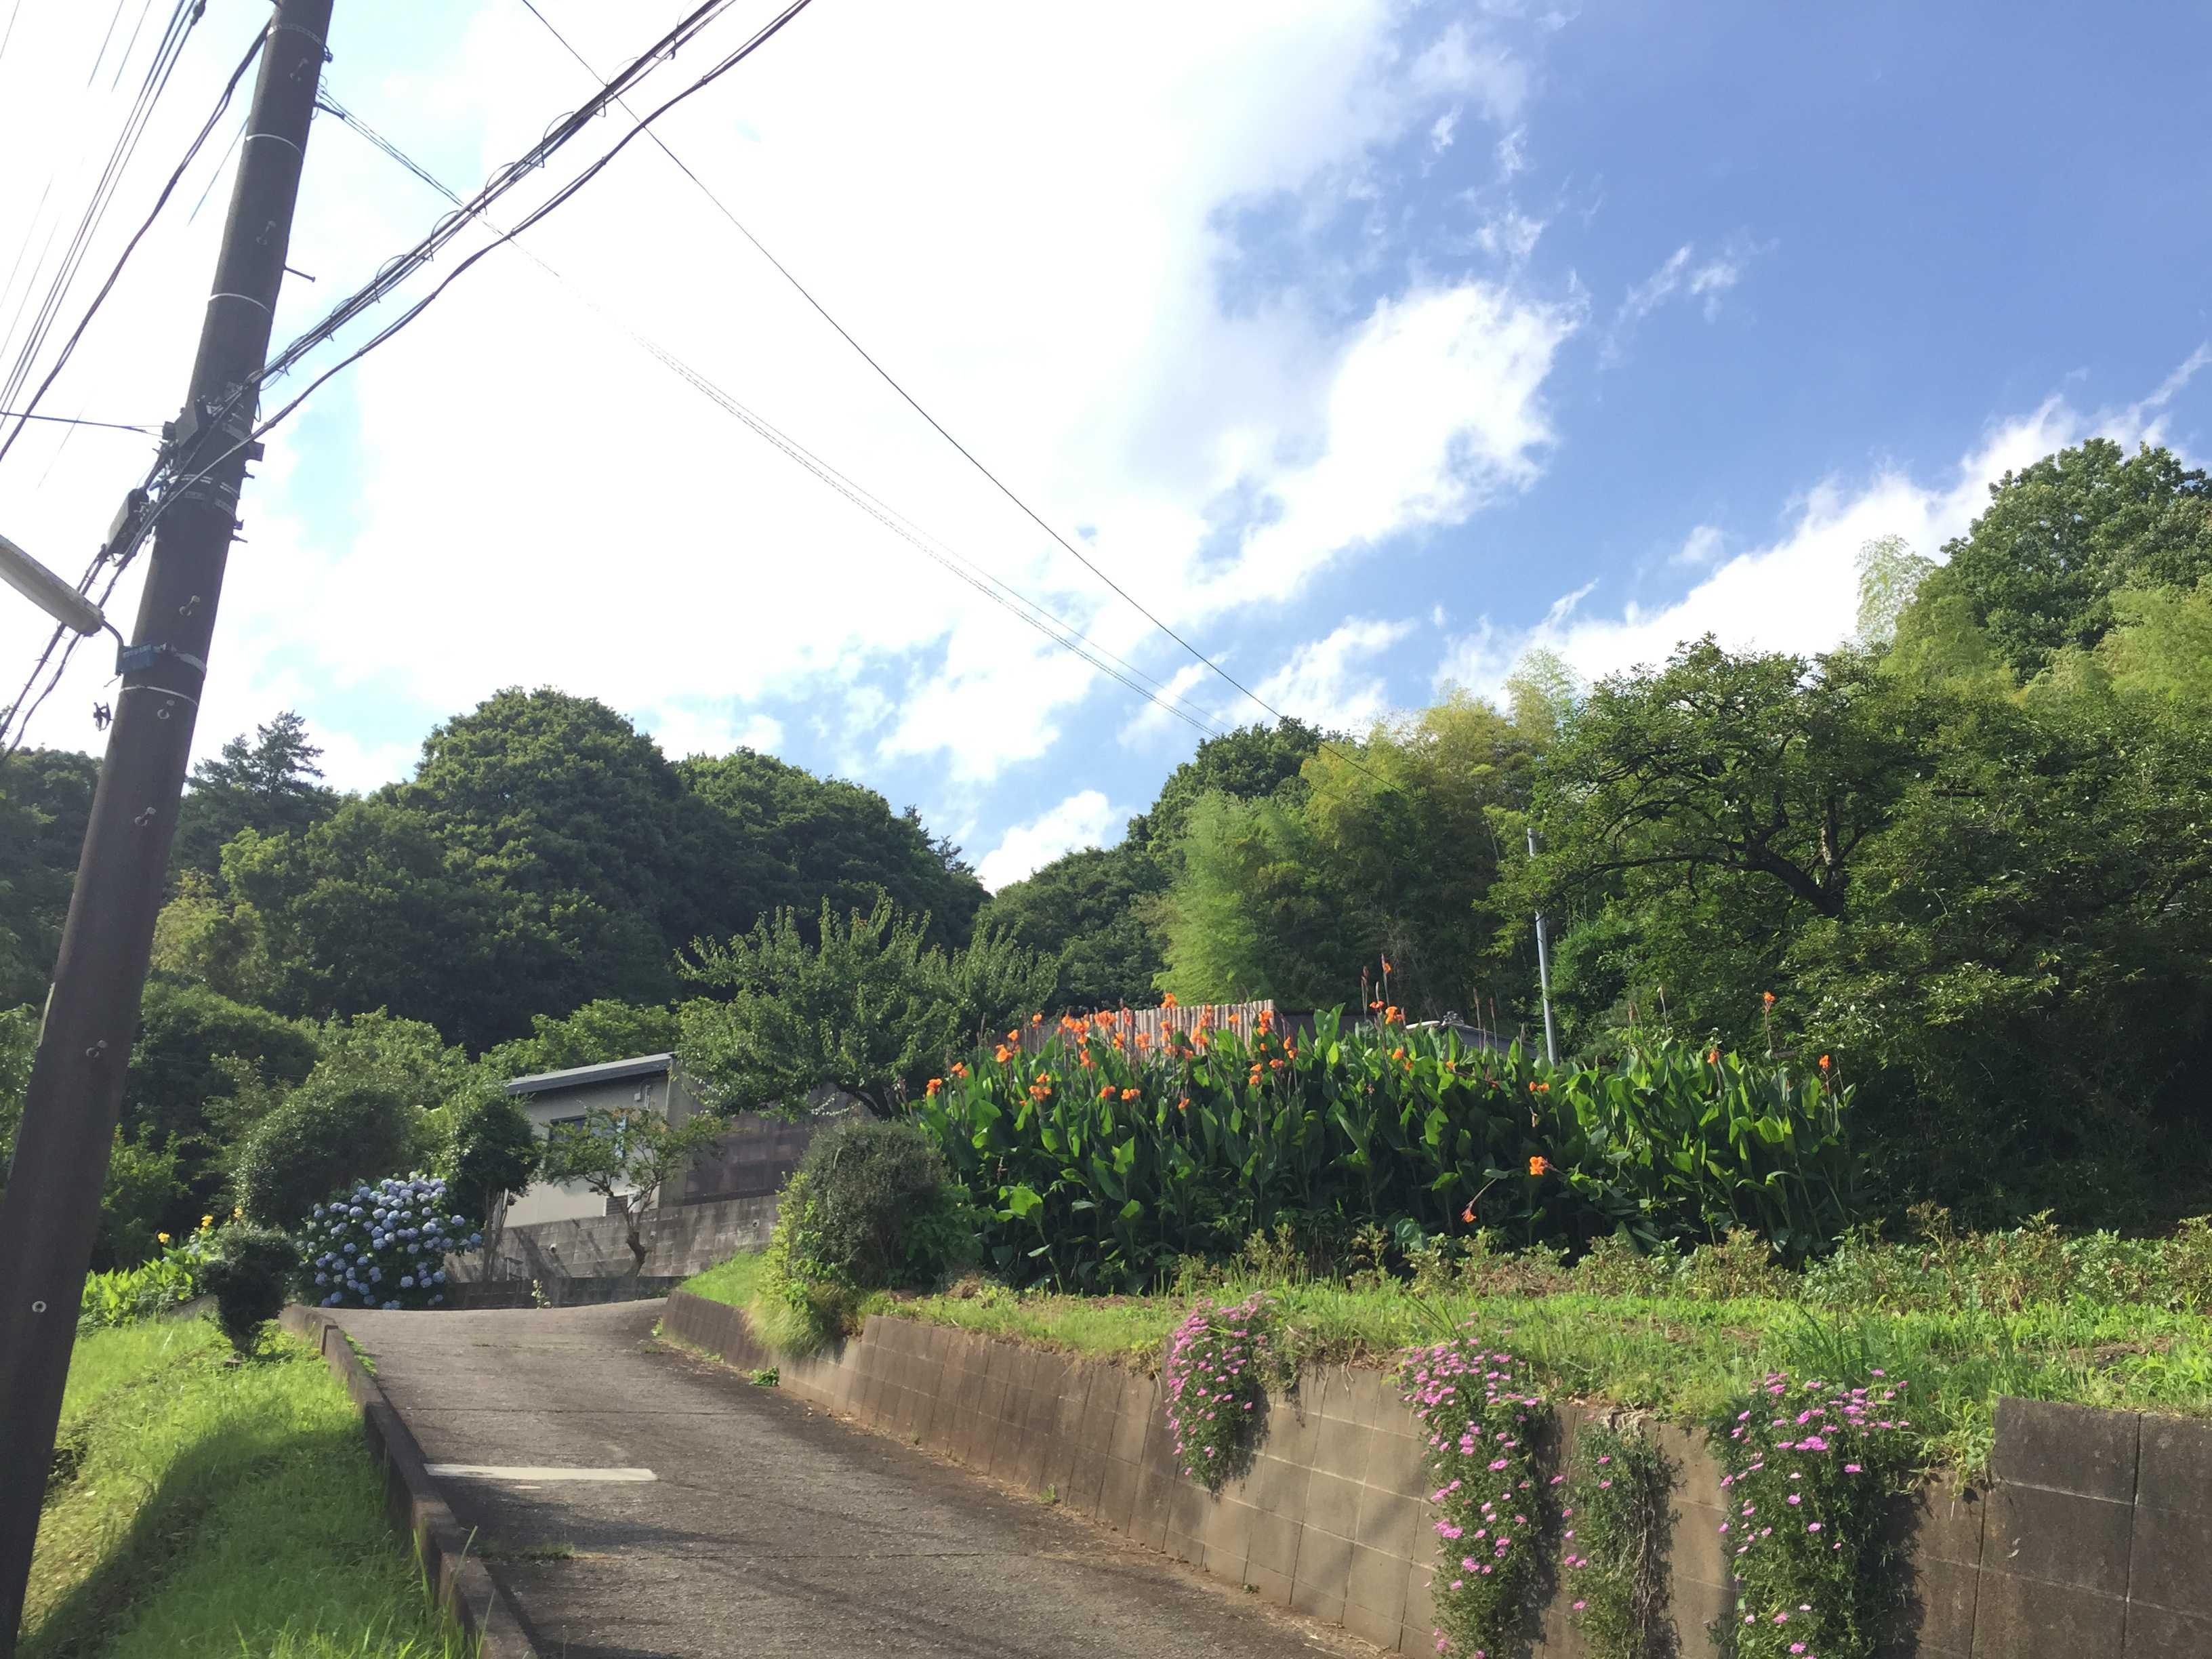 青い空と白い雲、緑の木々